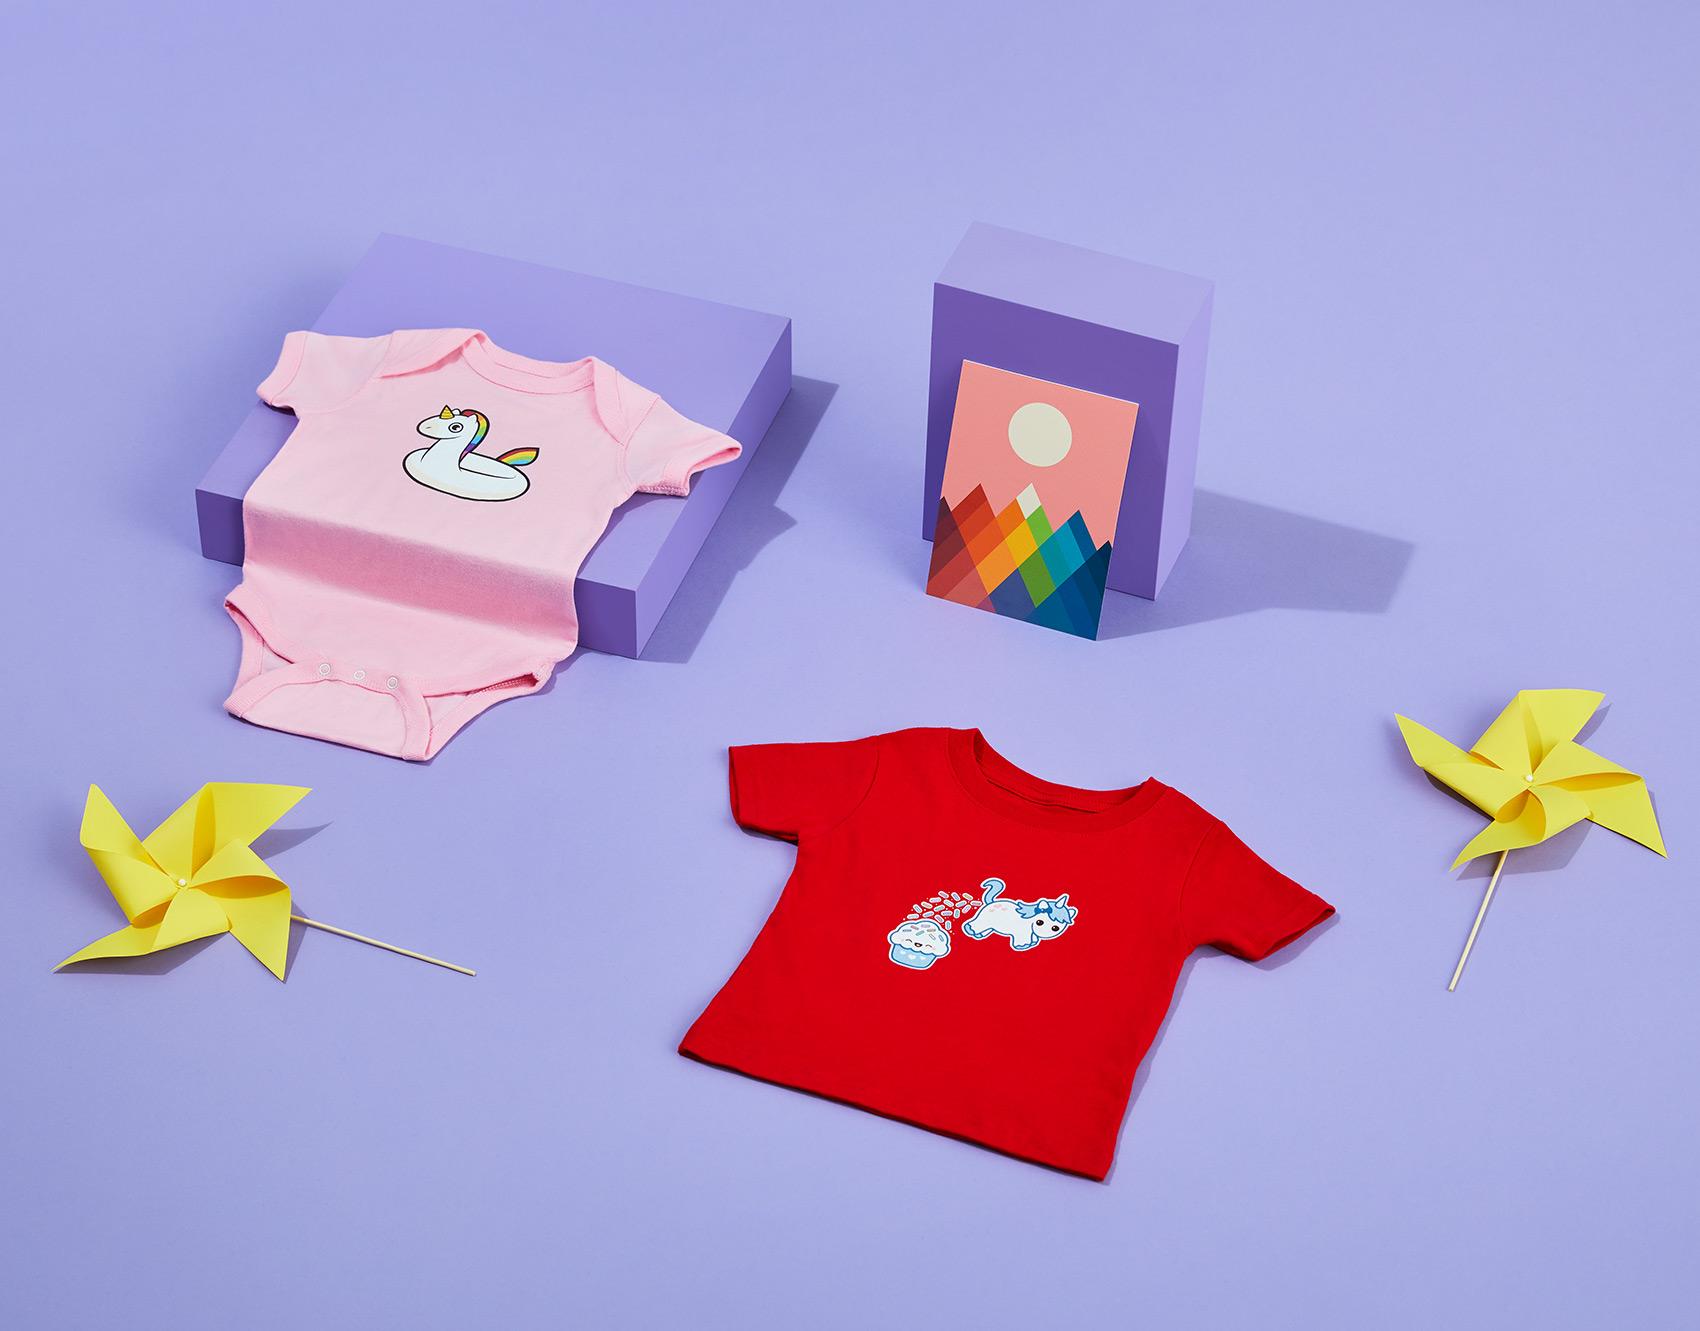 SHOT_12_KIDS_RAINBOW_GROUP_ONSIE_BABY_TEE_WALL_ART_0916.jpg